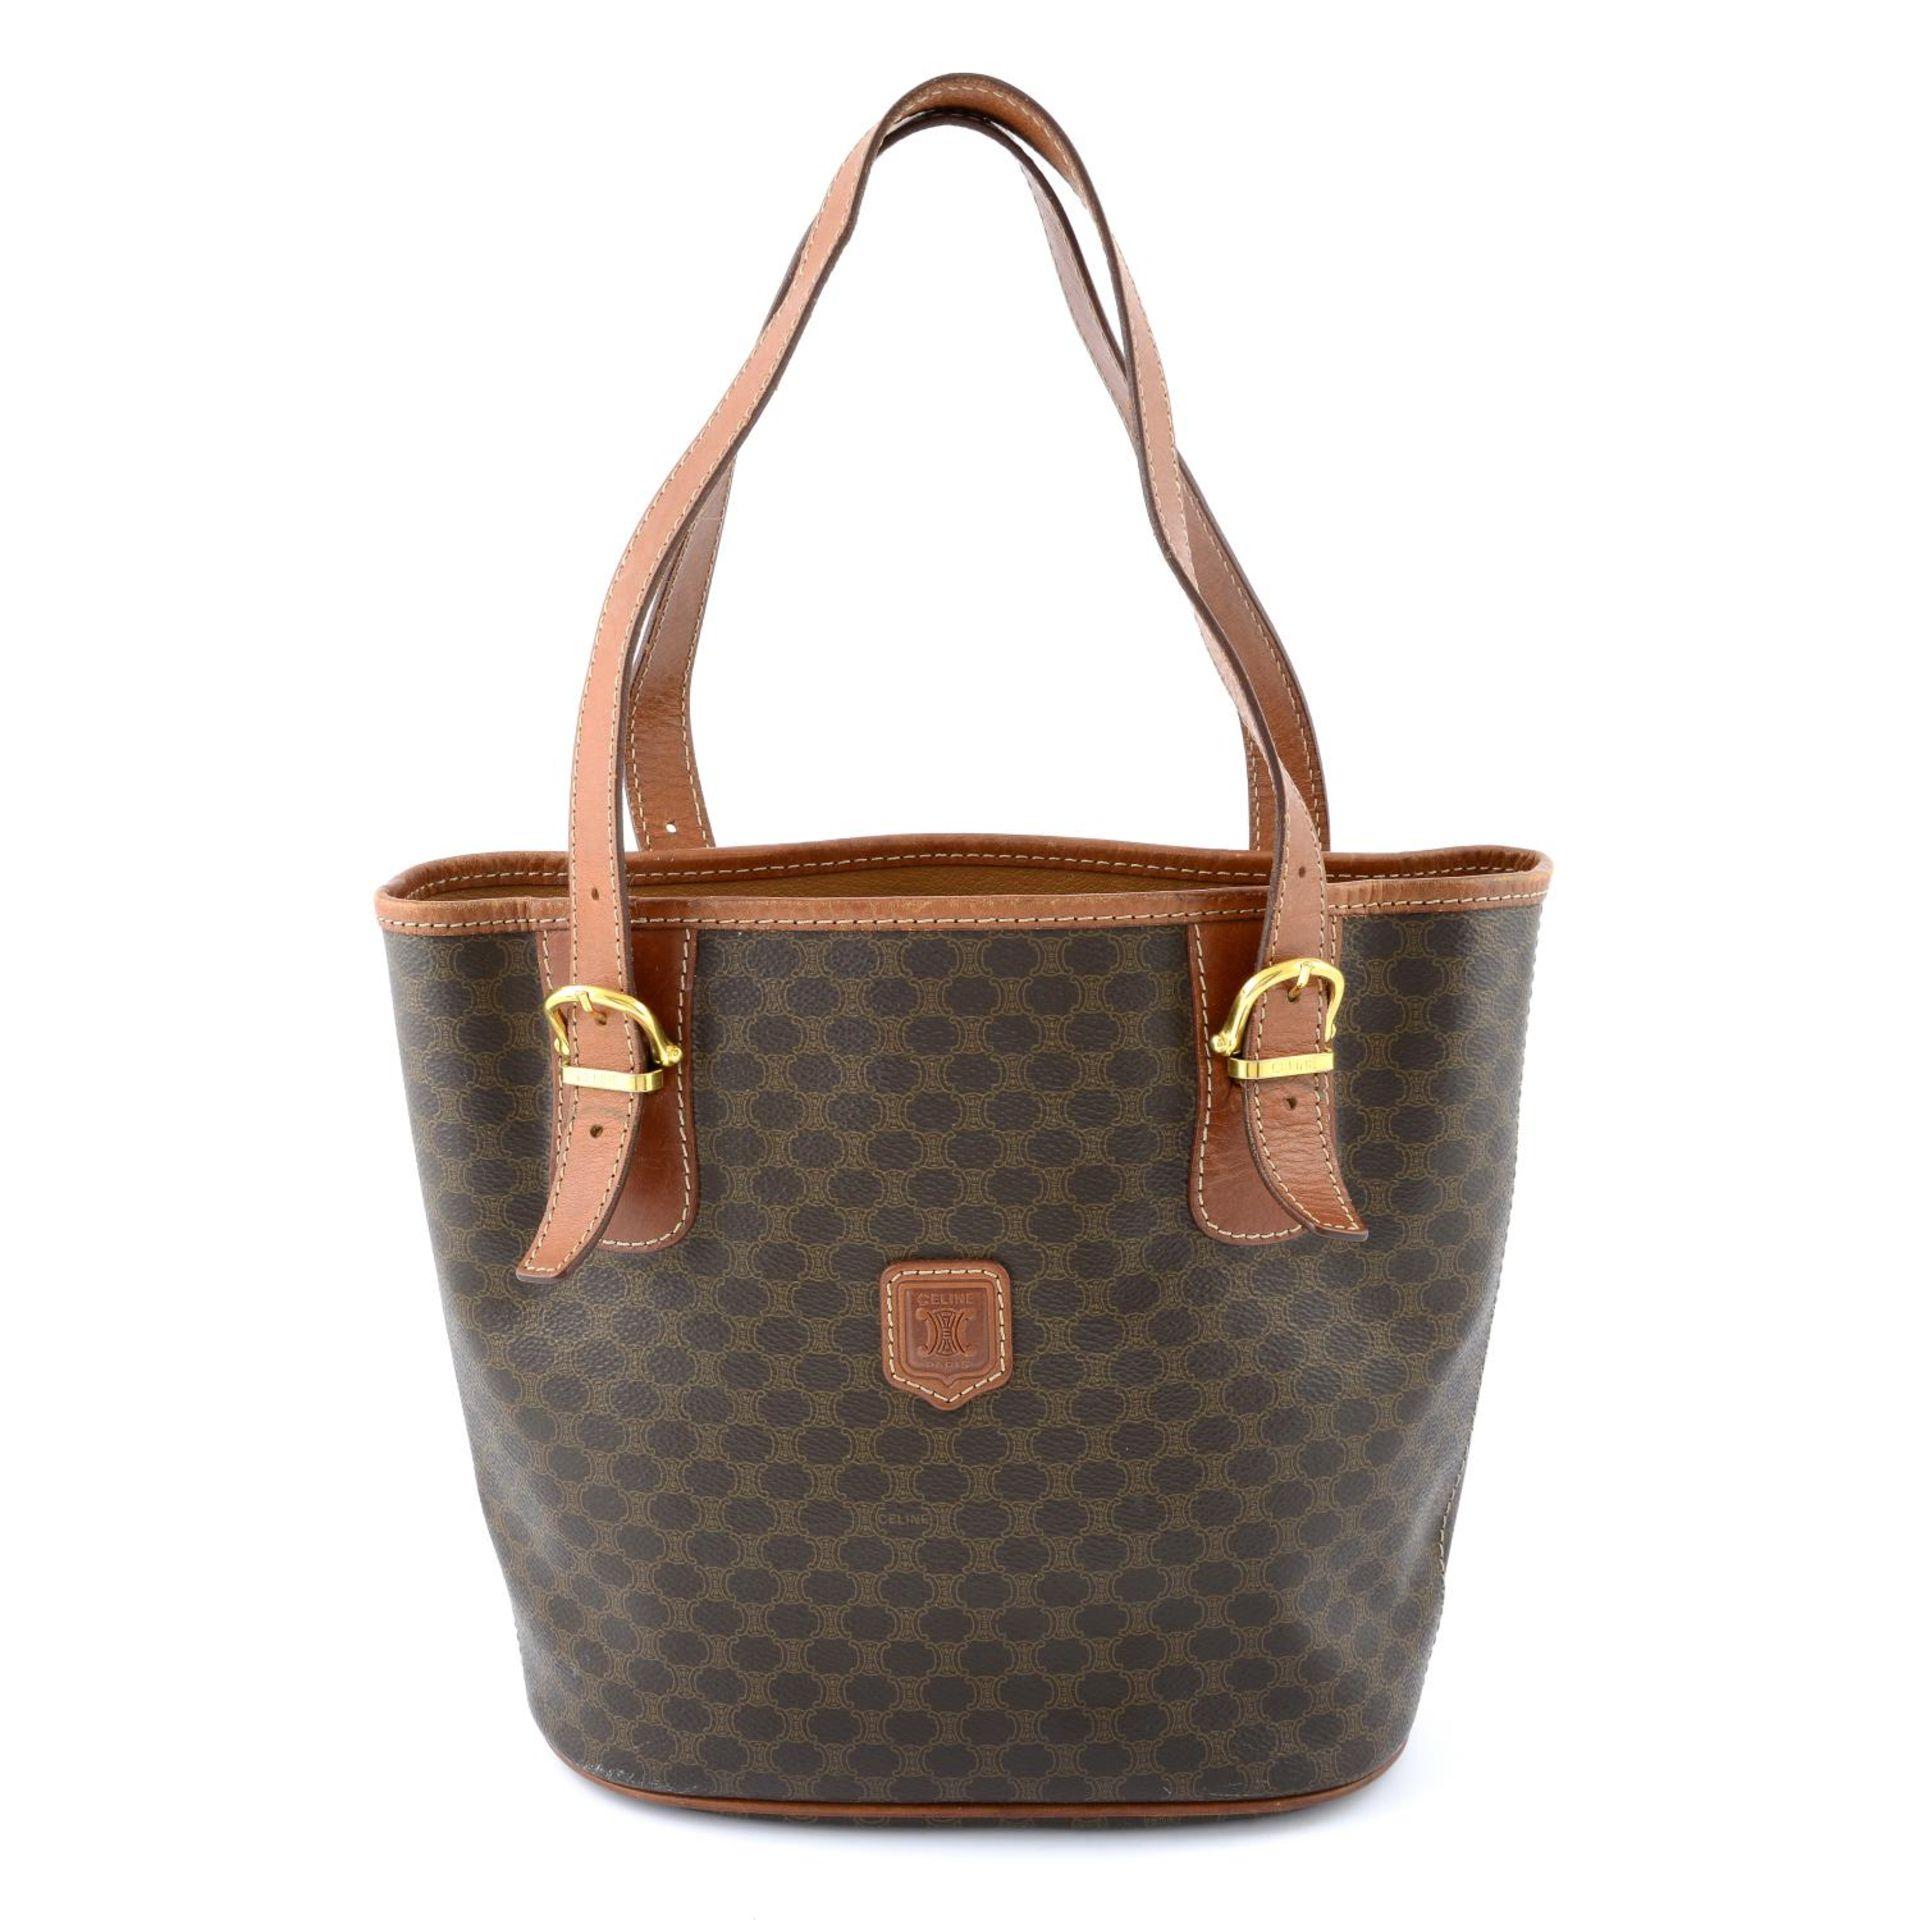 CÉLINE - a Macadam coated canvas handbag.